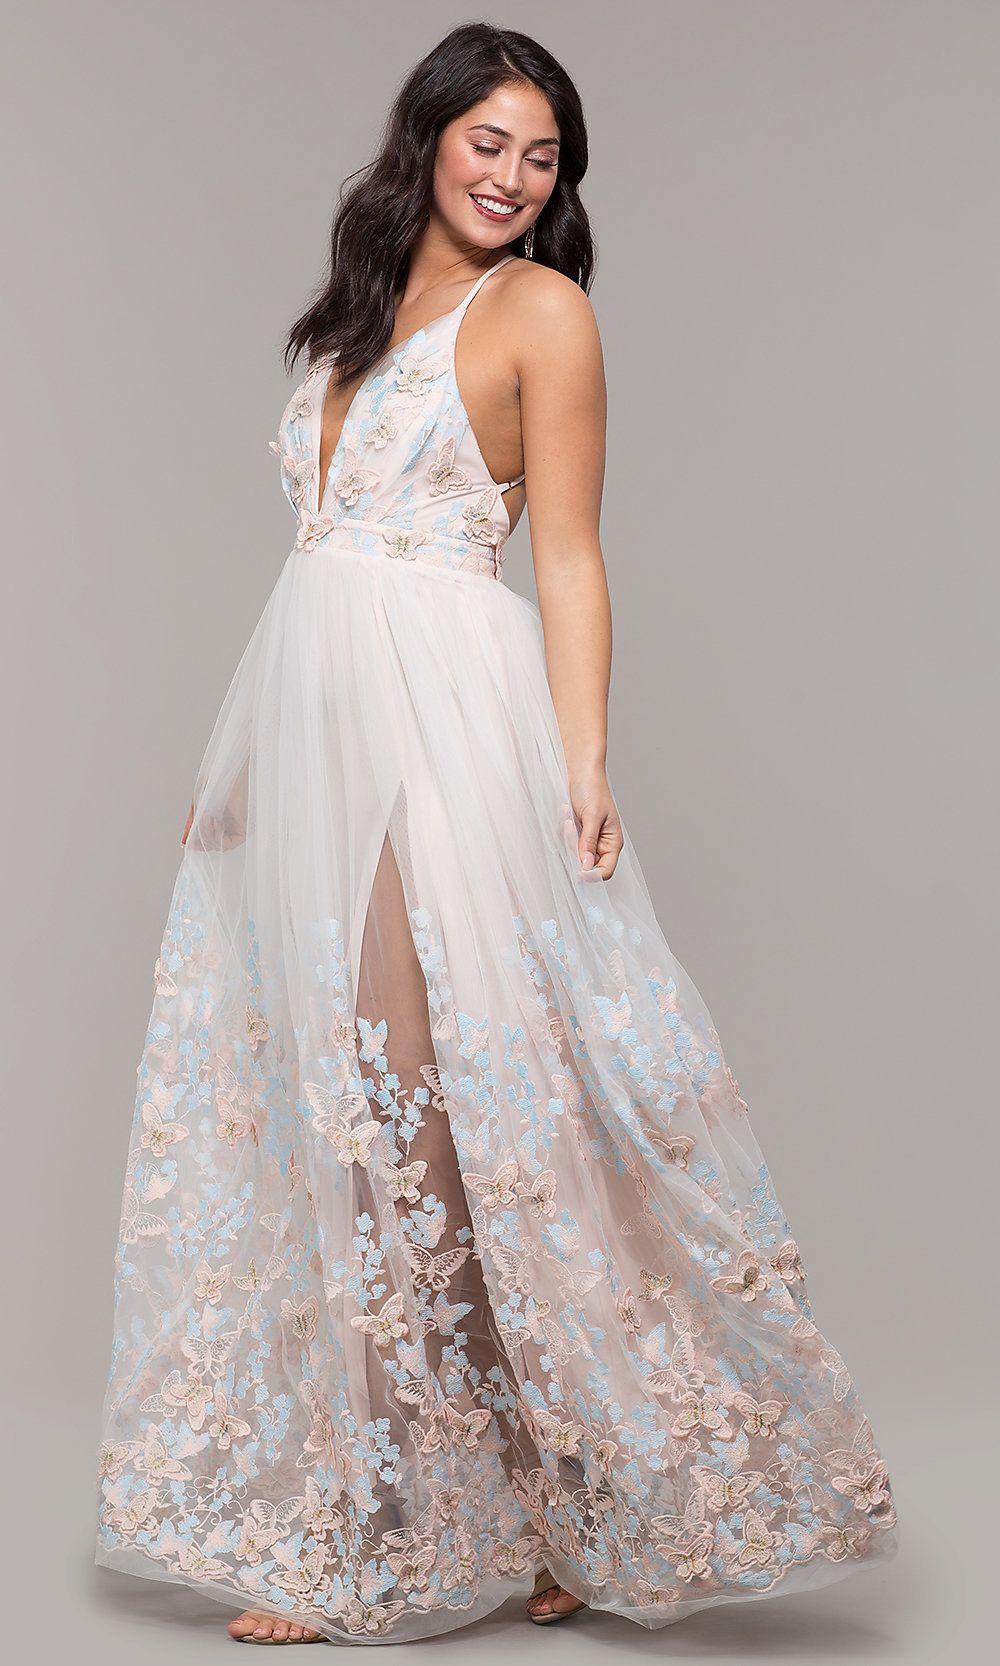 c7149d3d43 Long V-Neck 3-D-Appliqued Prom Dress by Kalani Hilliker in 2019 ...